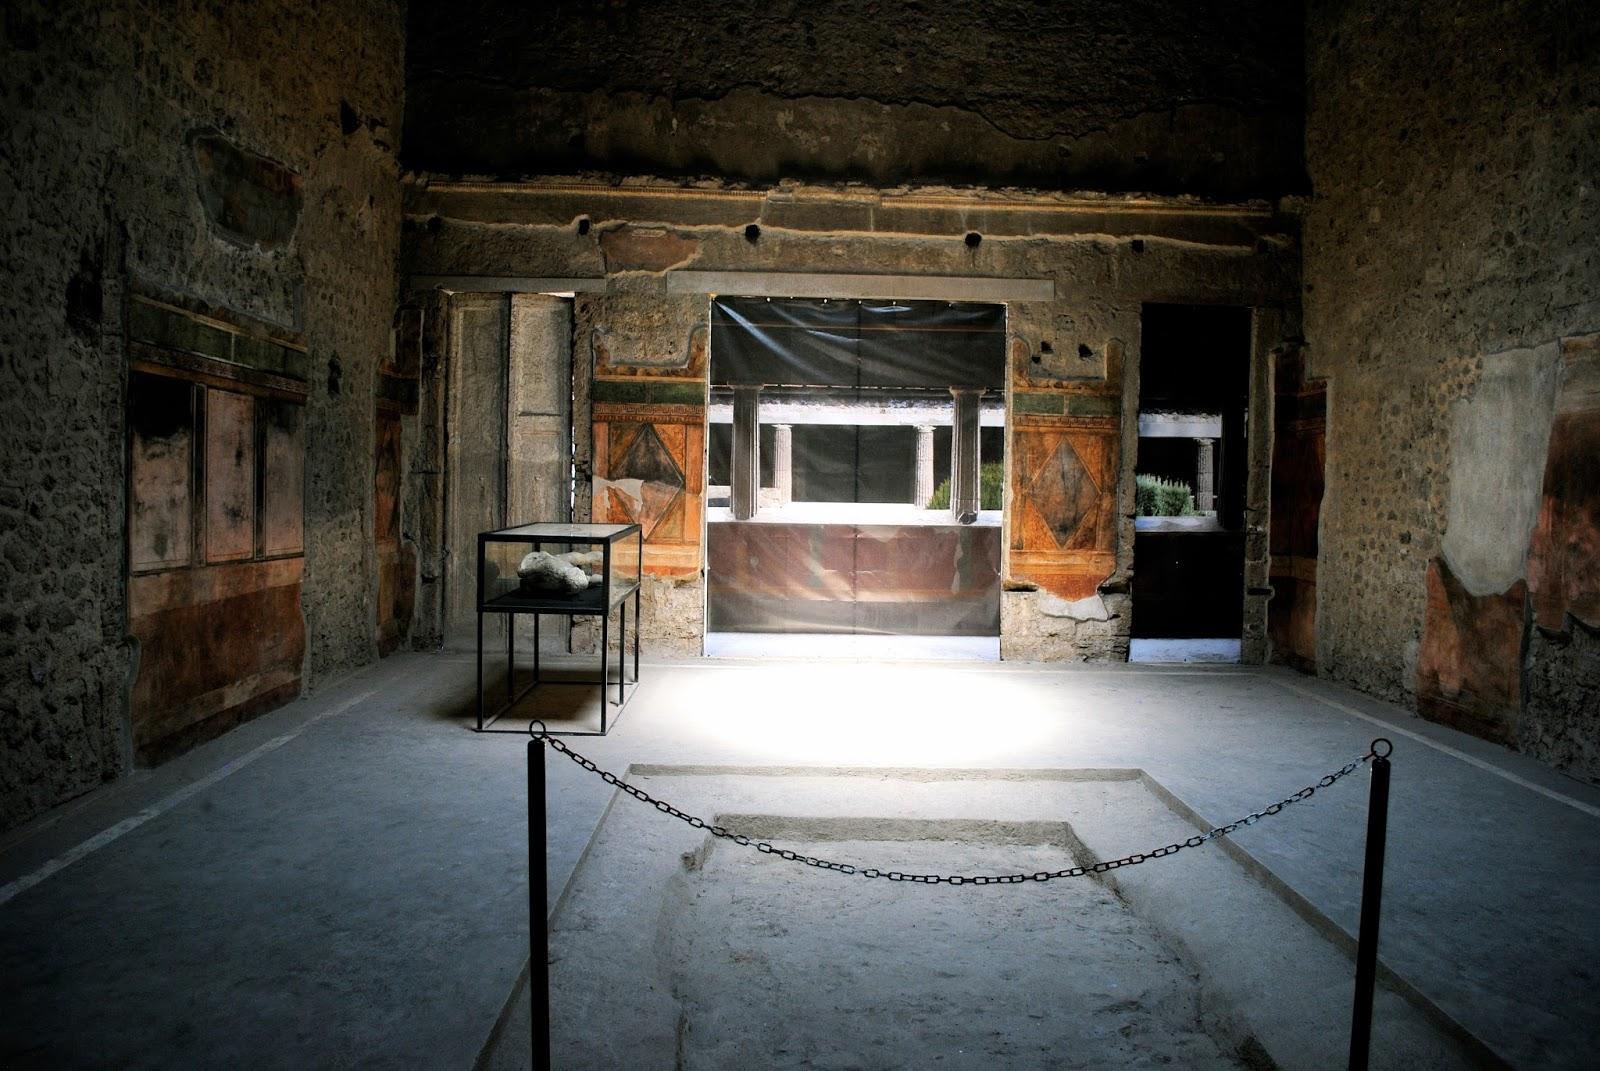 Villa of Mysteries in Pompeii Italy